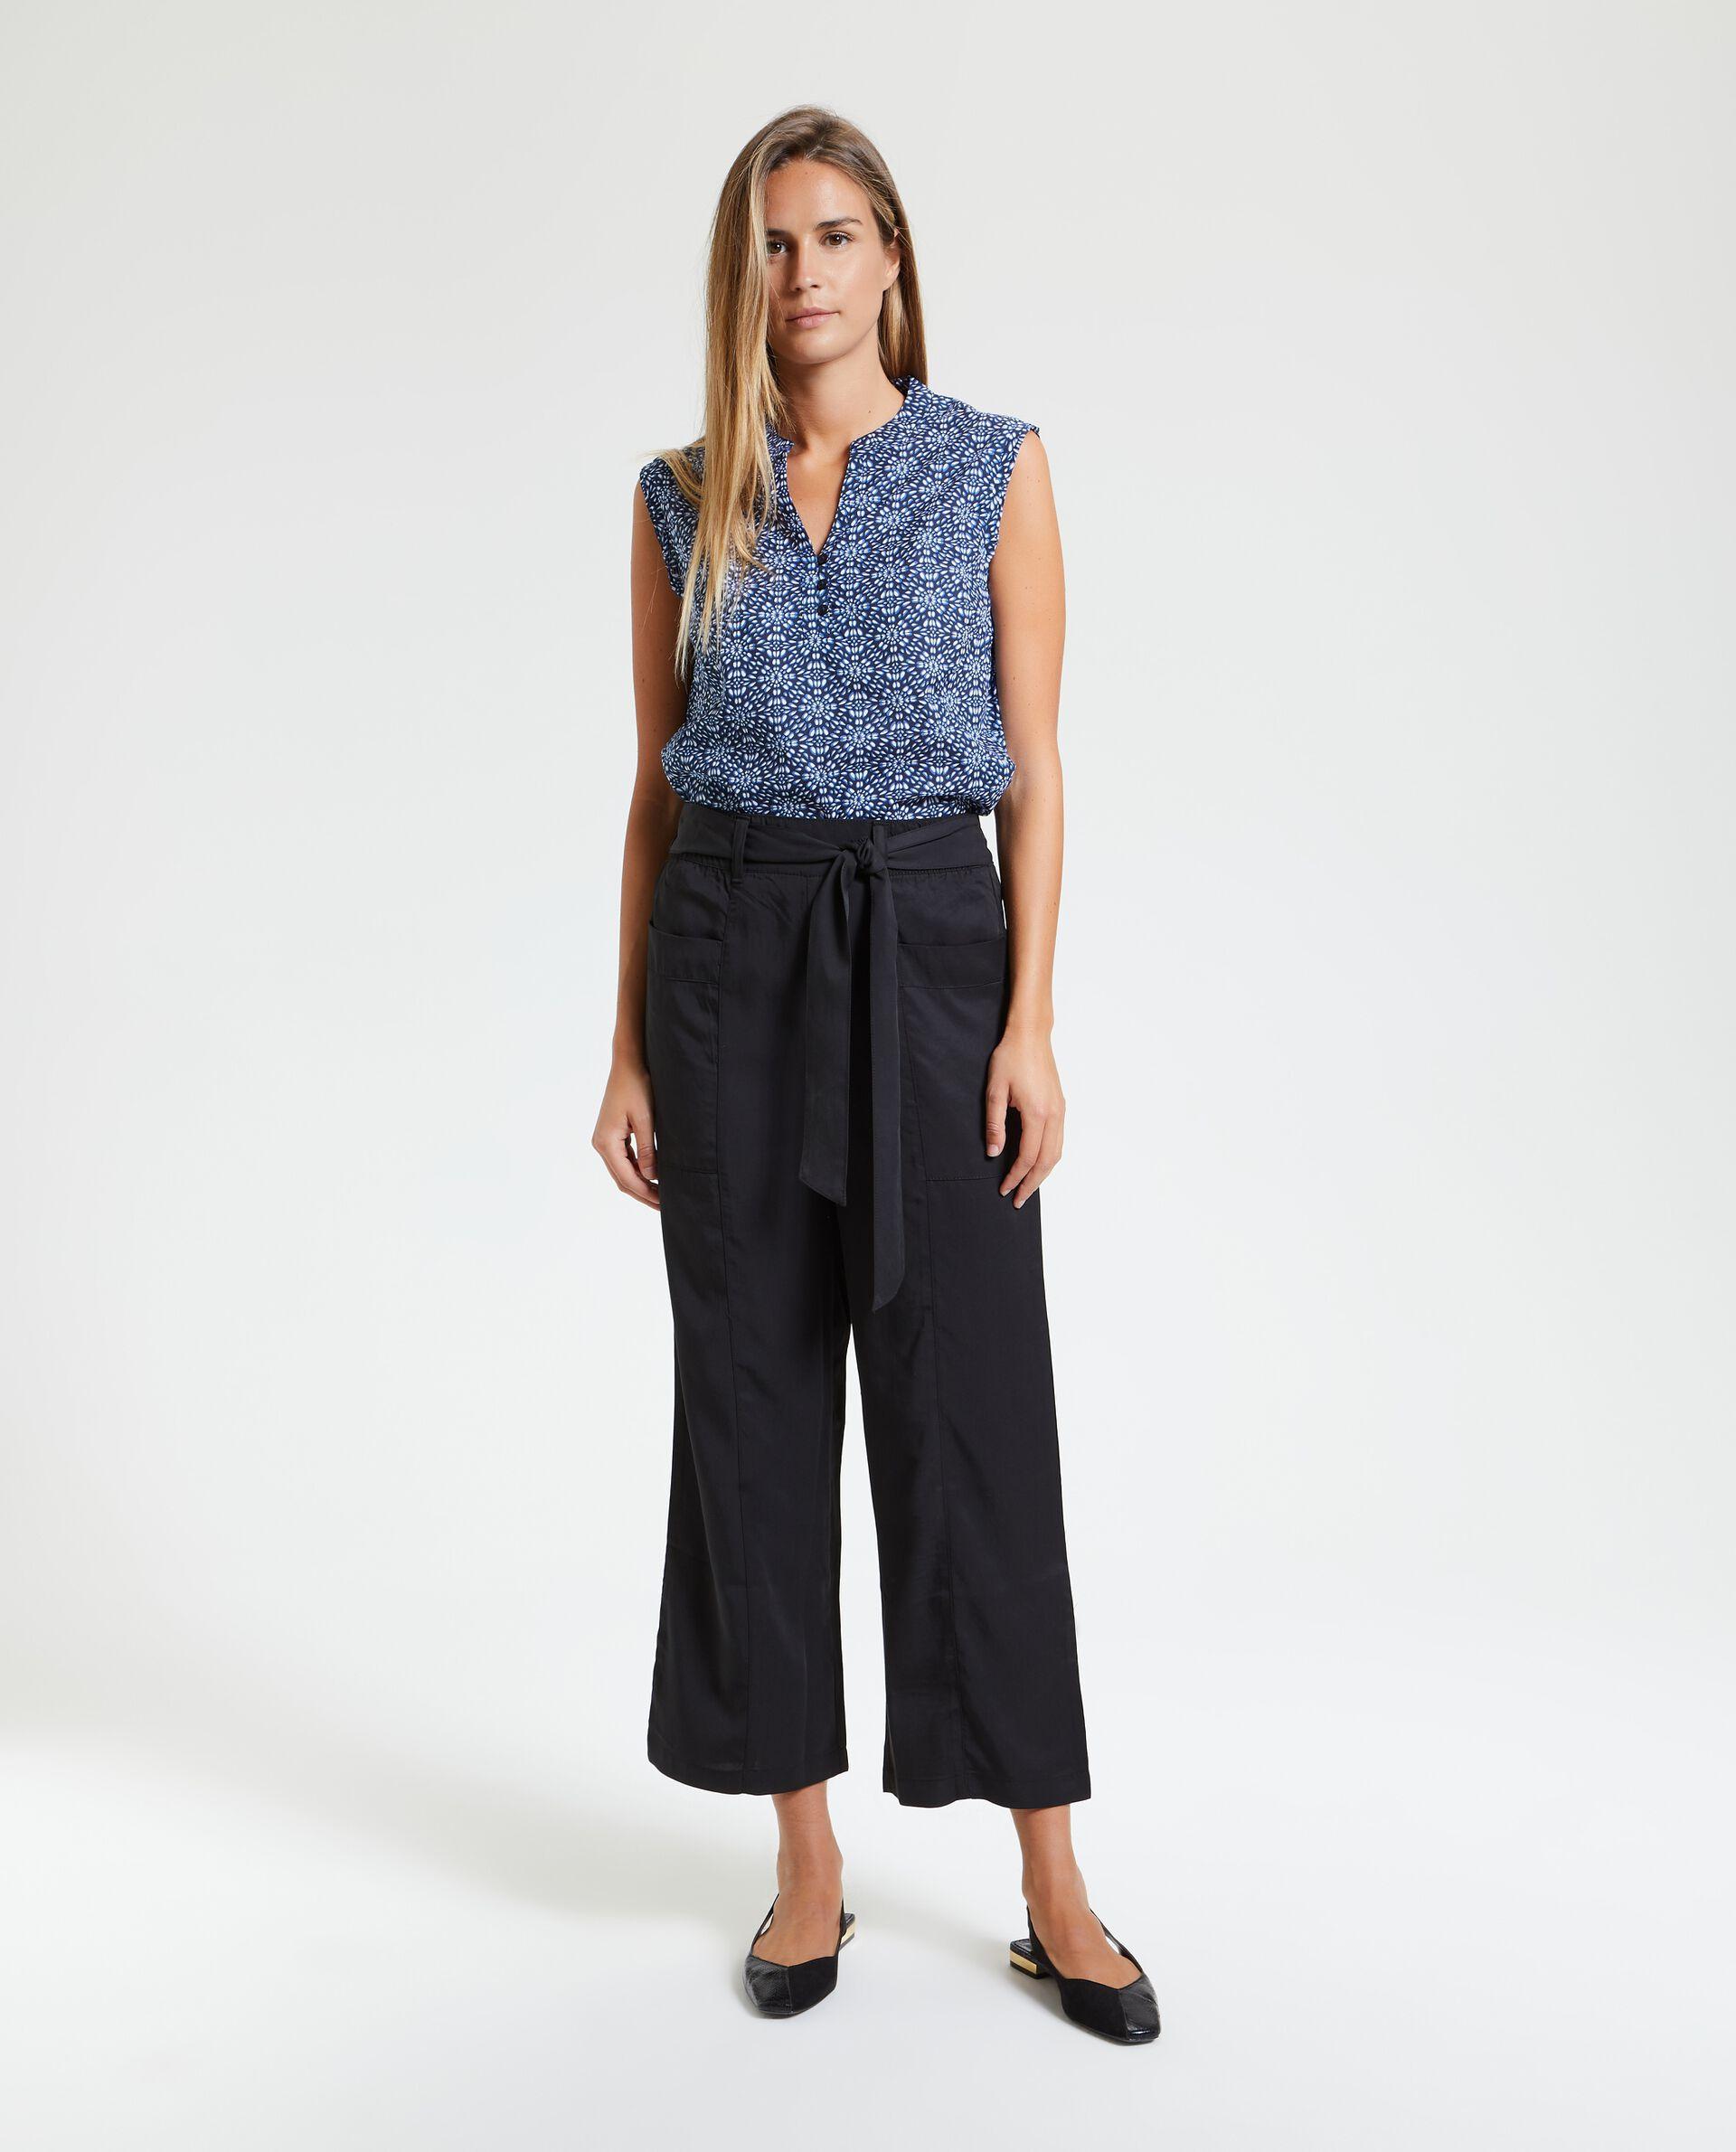 Pantaloni a palazzo cropped donna